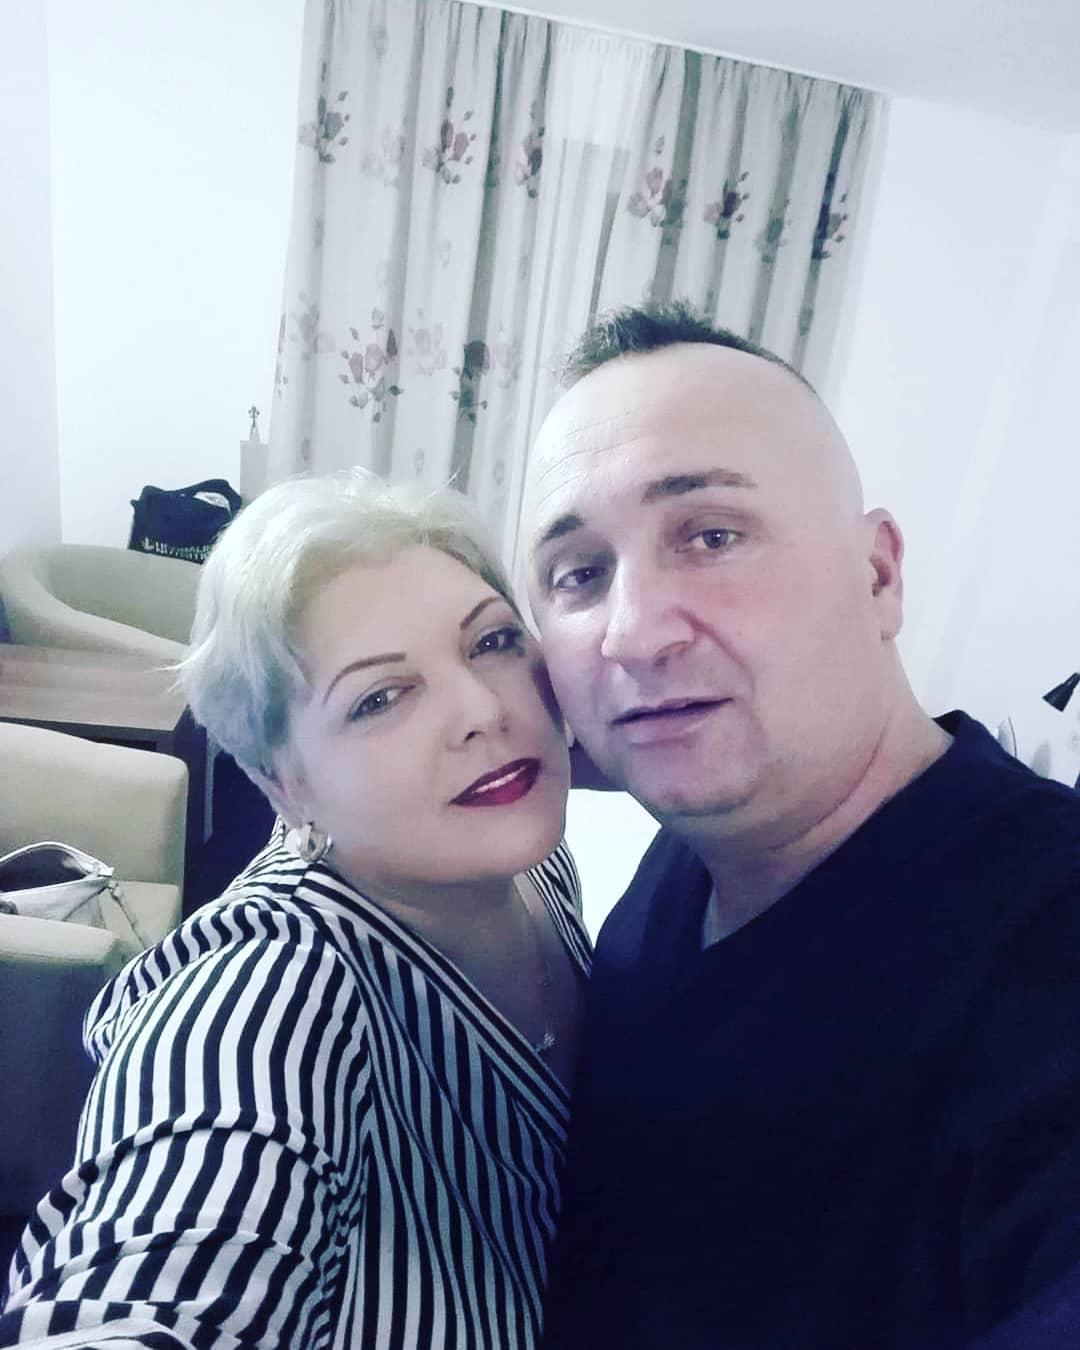 Părinții Daianei Marcu, fostă concurentă Puterea Dragostei